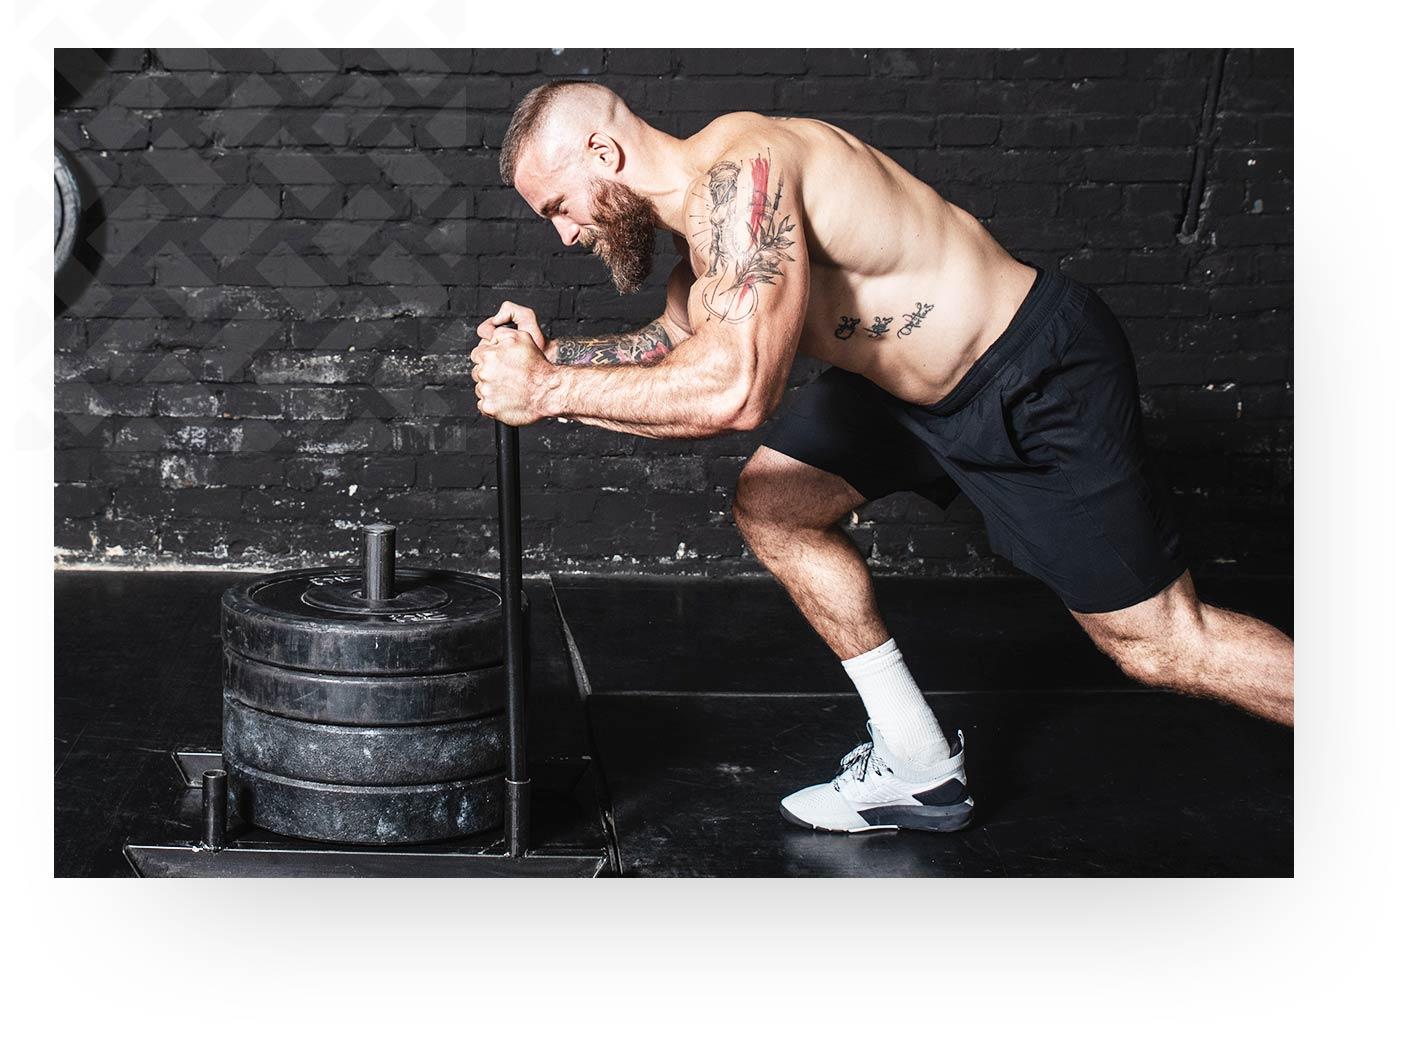 Tattooed Man Lifting